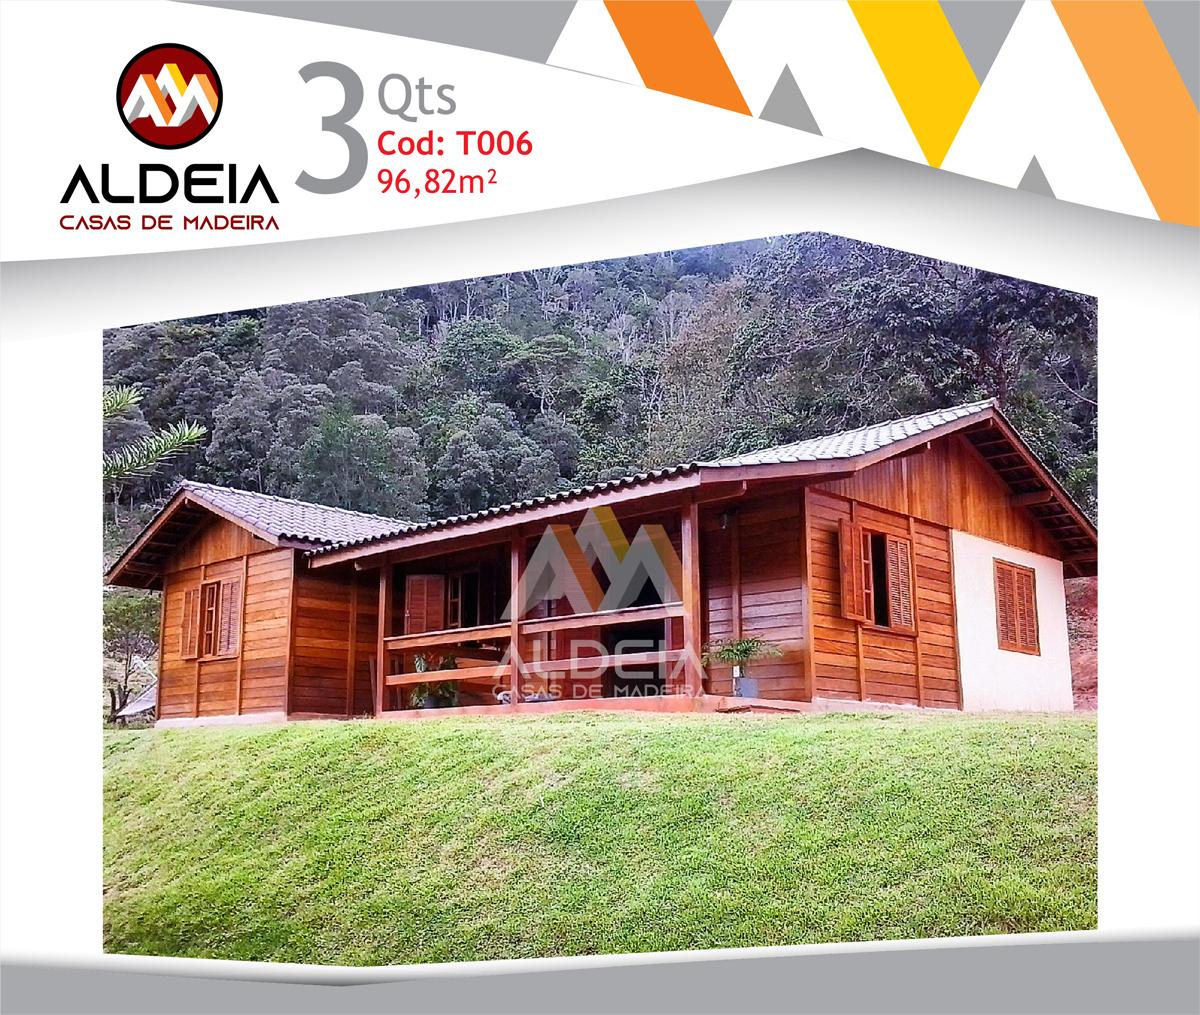 aldeia-casas-madeira-fachada-T006